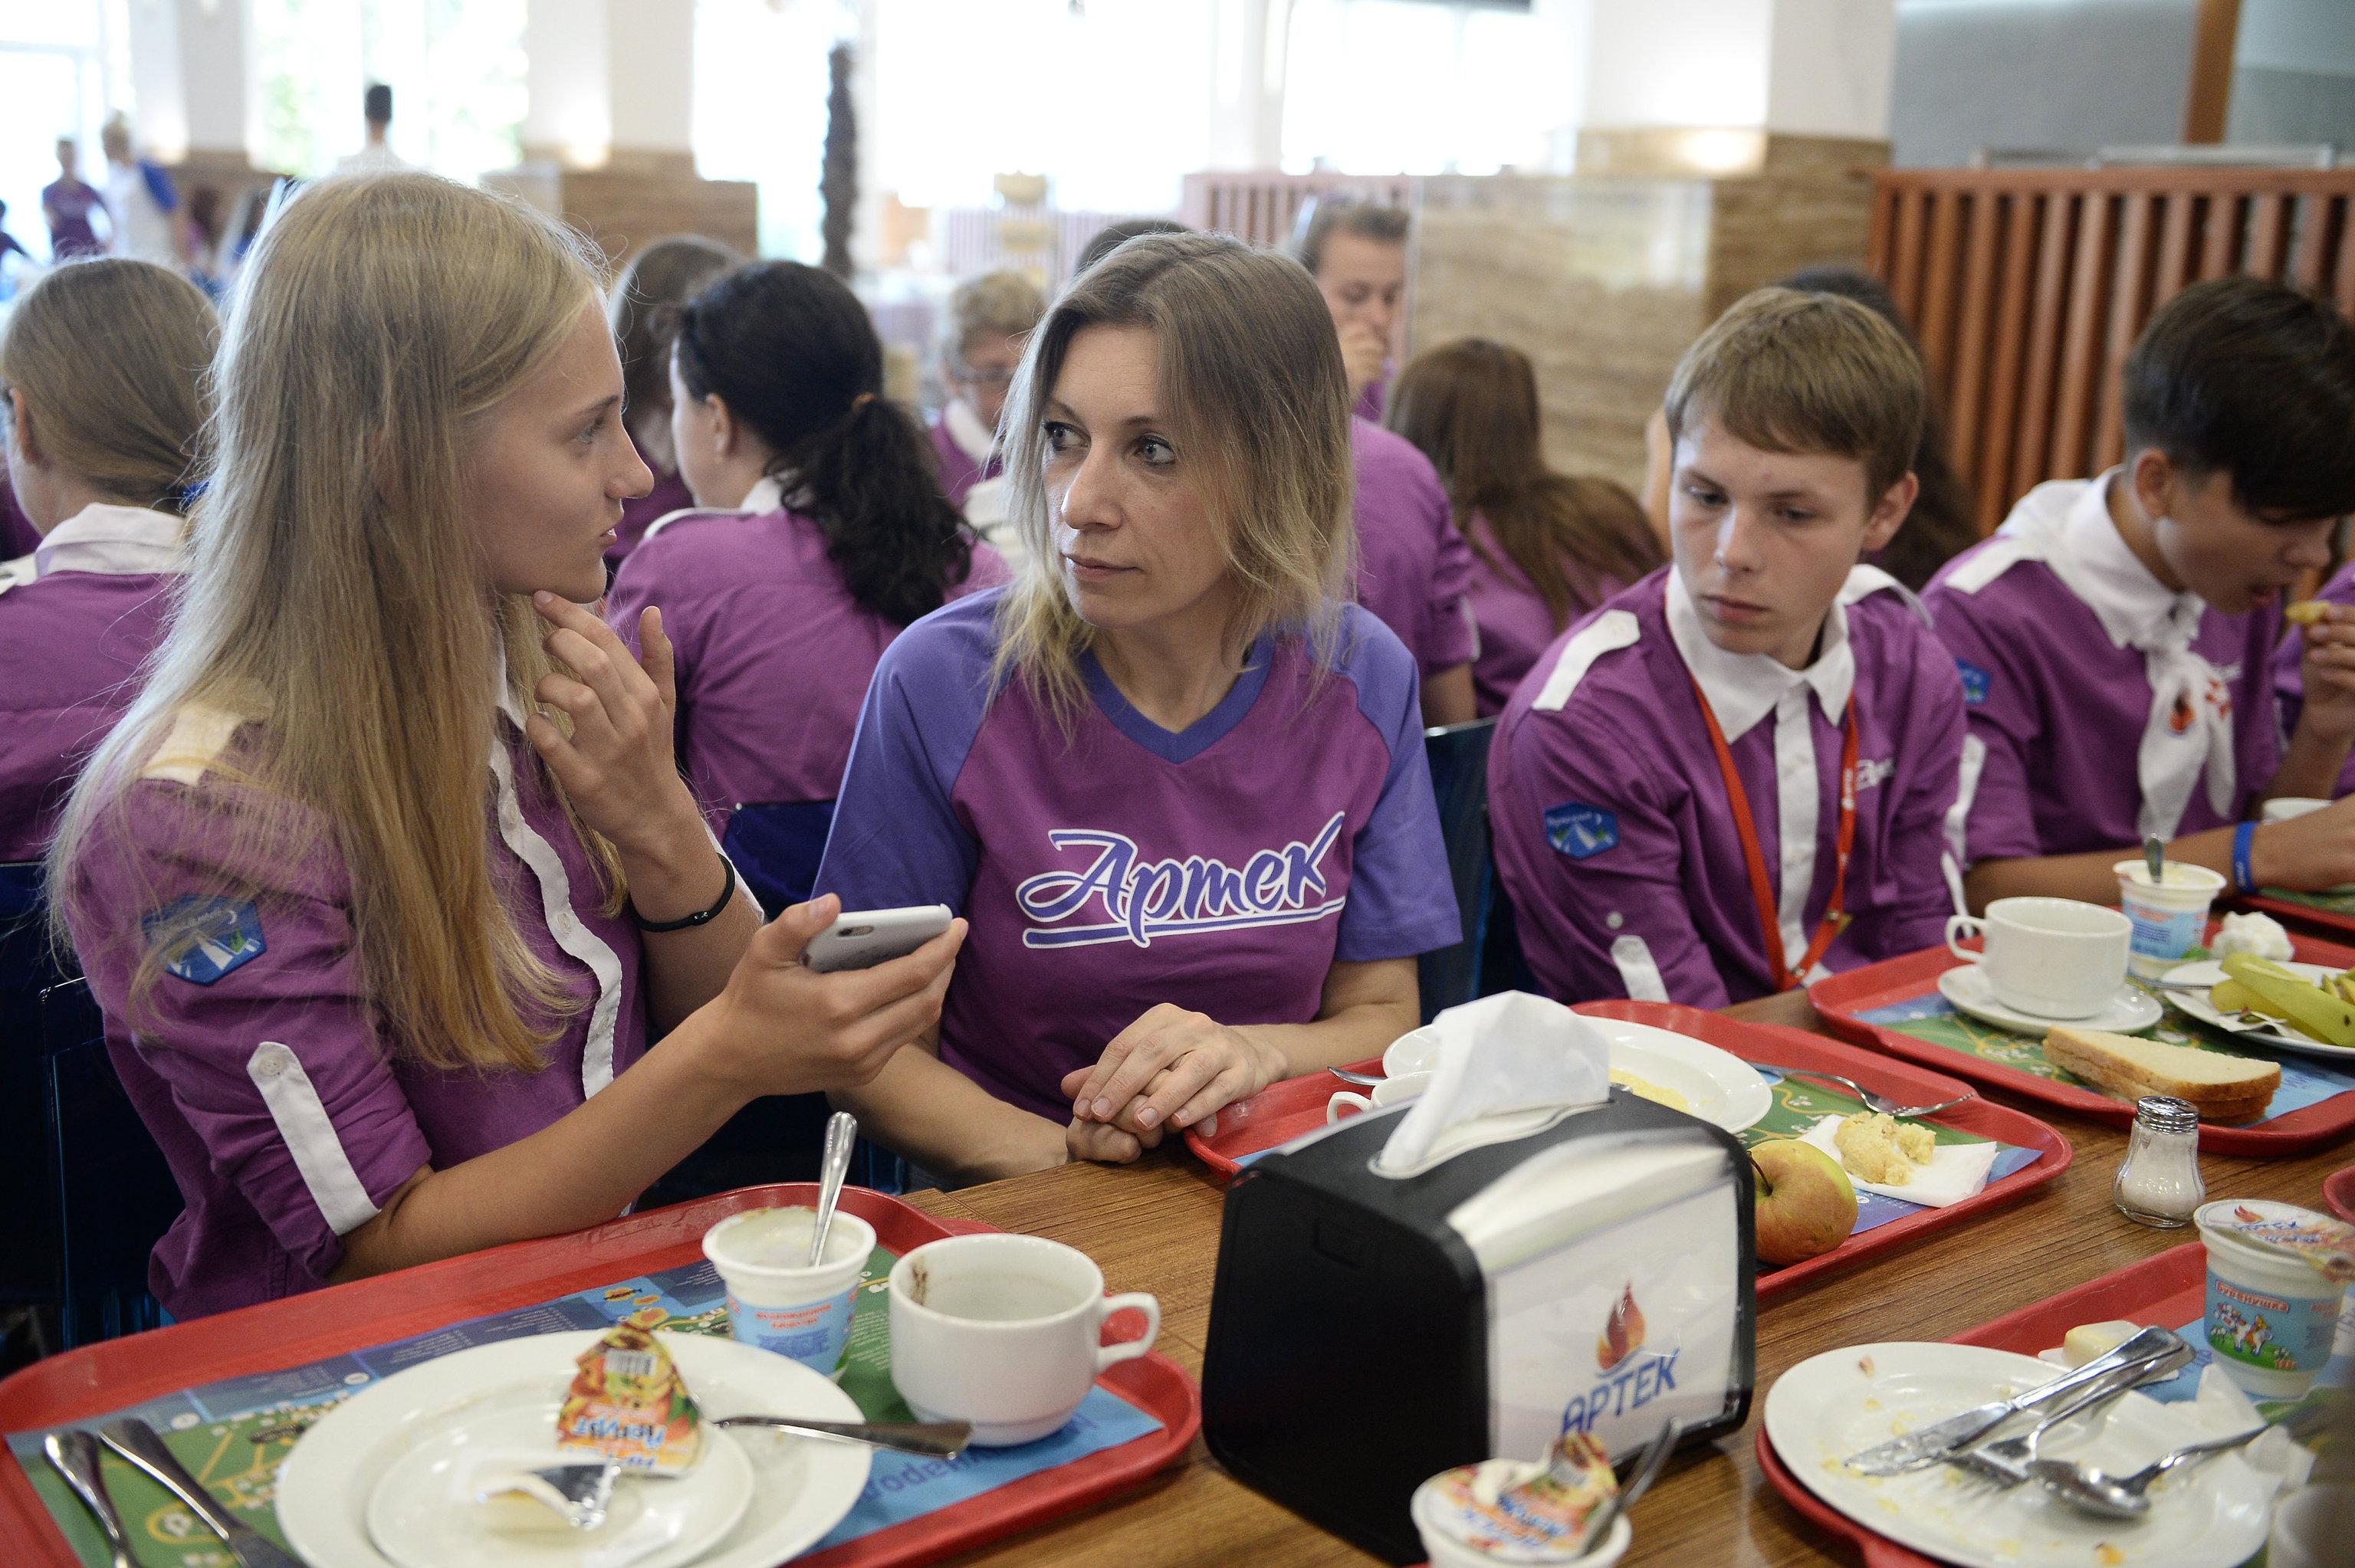 María Zajárova, portavoz del Ministerio de Exteriores de Rusia, en la cantina del campamento infantil Artek